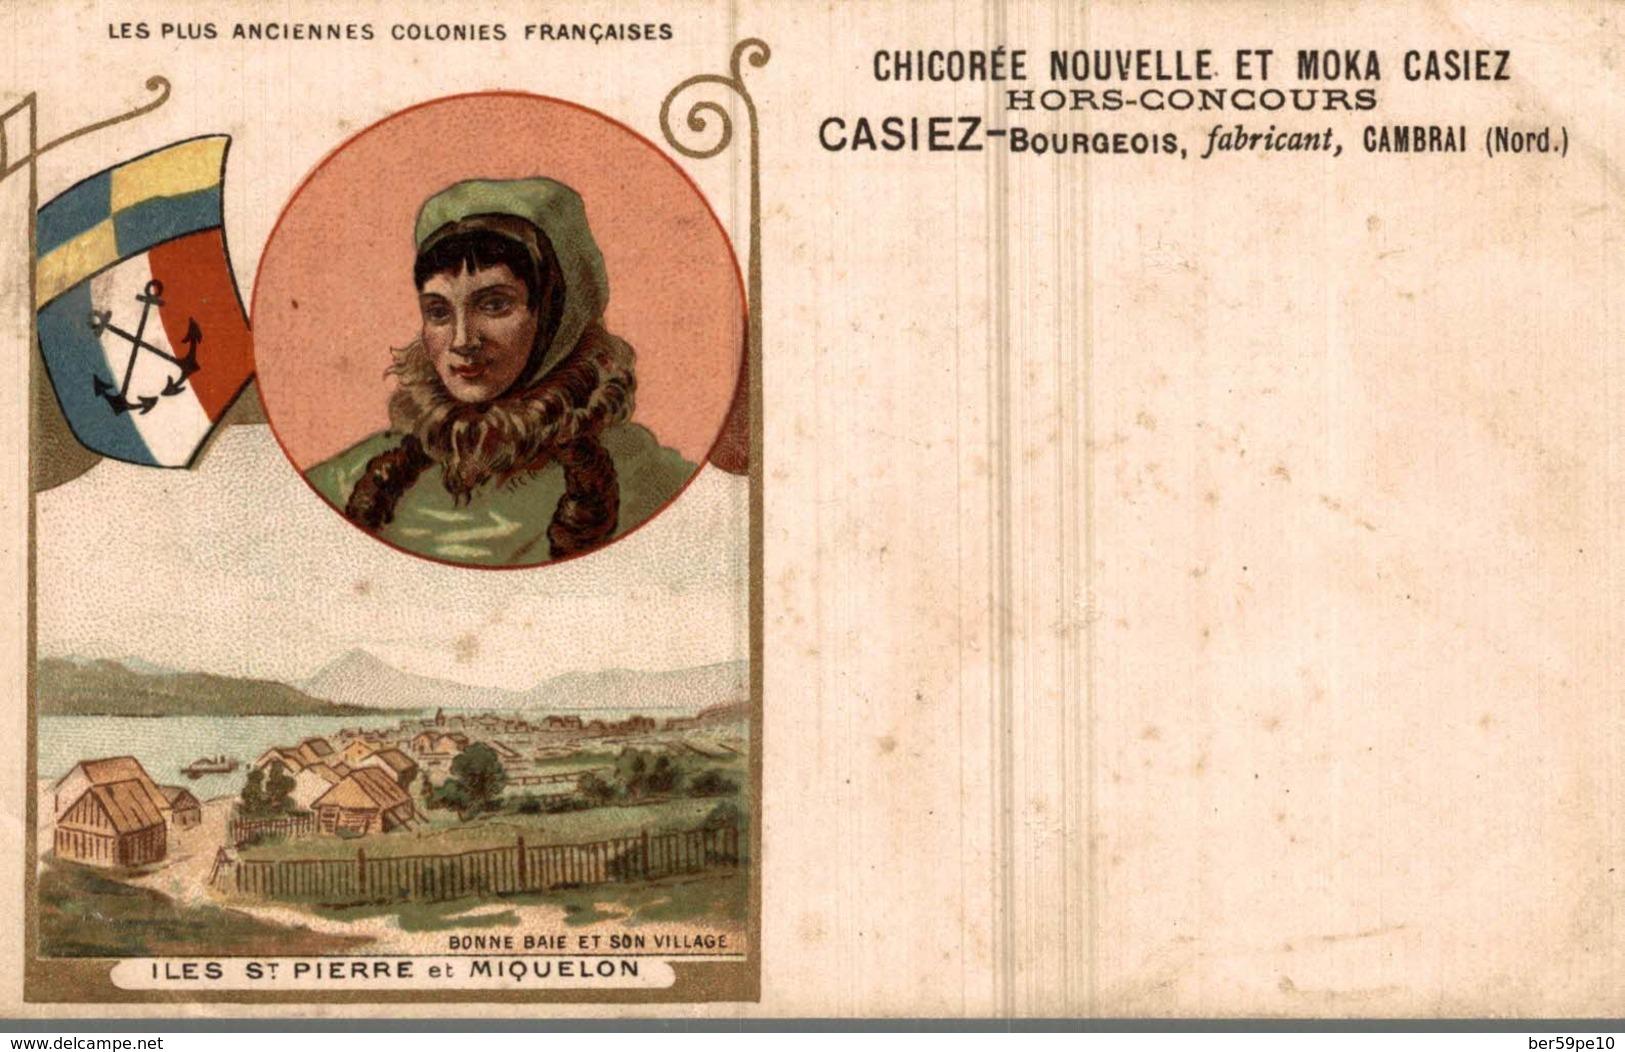 CARTE PUB CHICOREE CASIEZ-BOURGEOIS BONNE BAIE ET SON VILLAGE ILES SAINT-PIERRE ET MIQUELON - Publicité